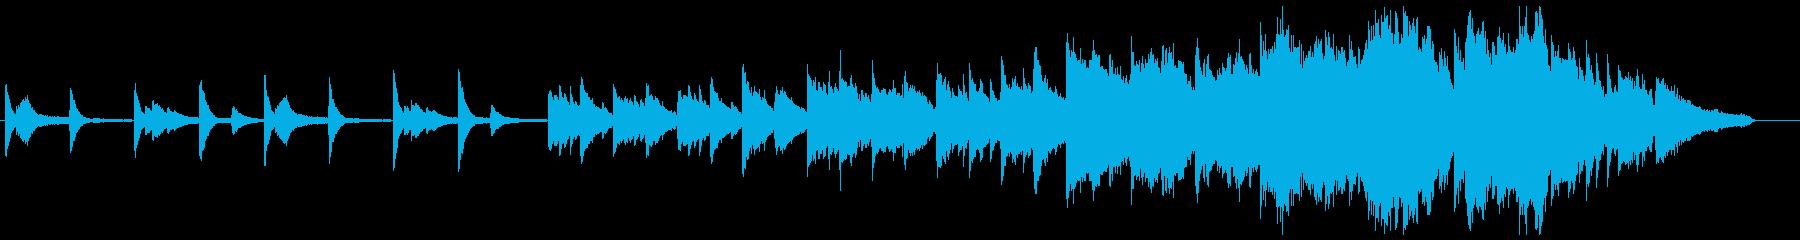 シリアスでドラマチックなピアノオケ曲の再生済みの波形